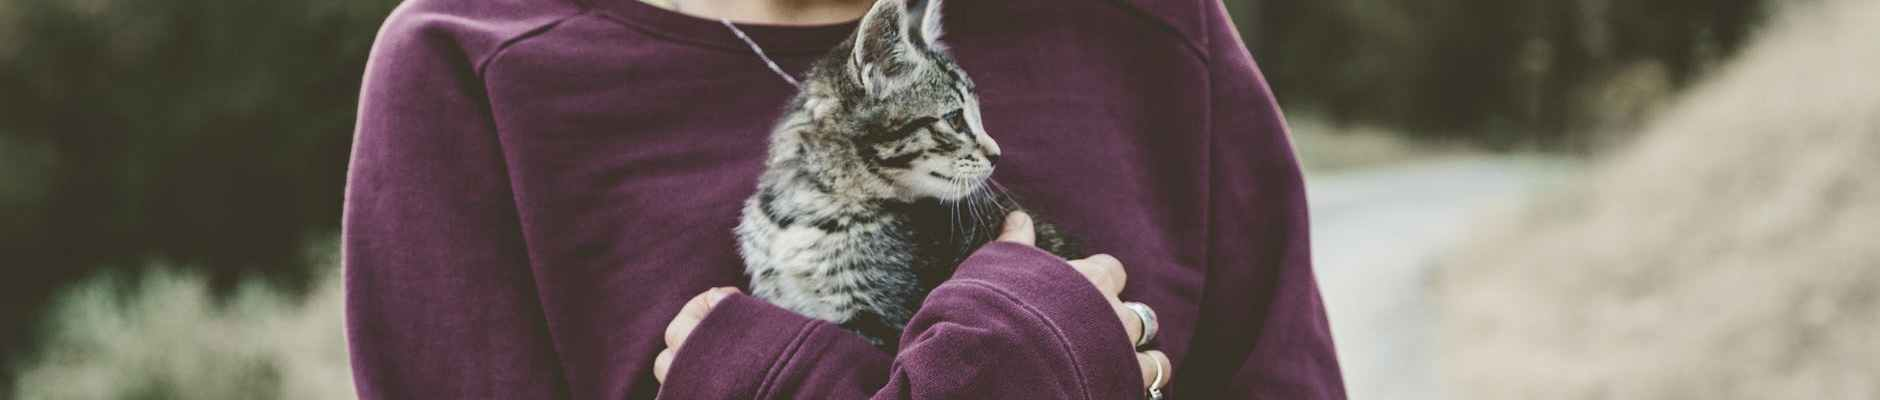 blur care cat close up